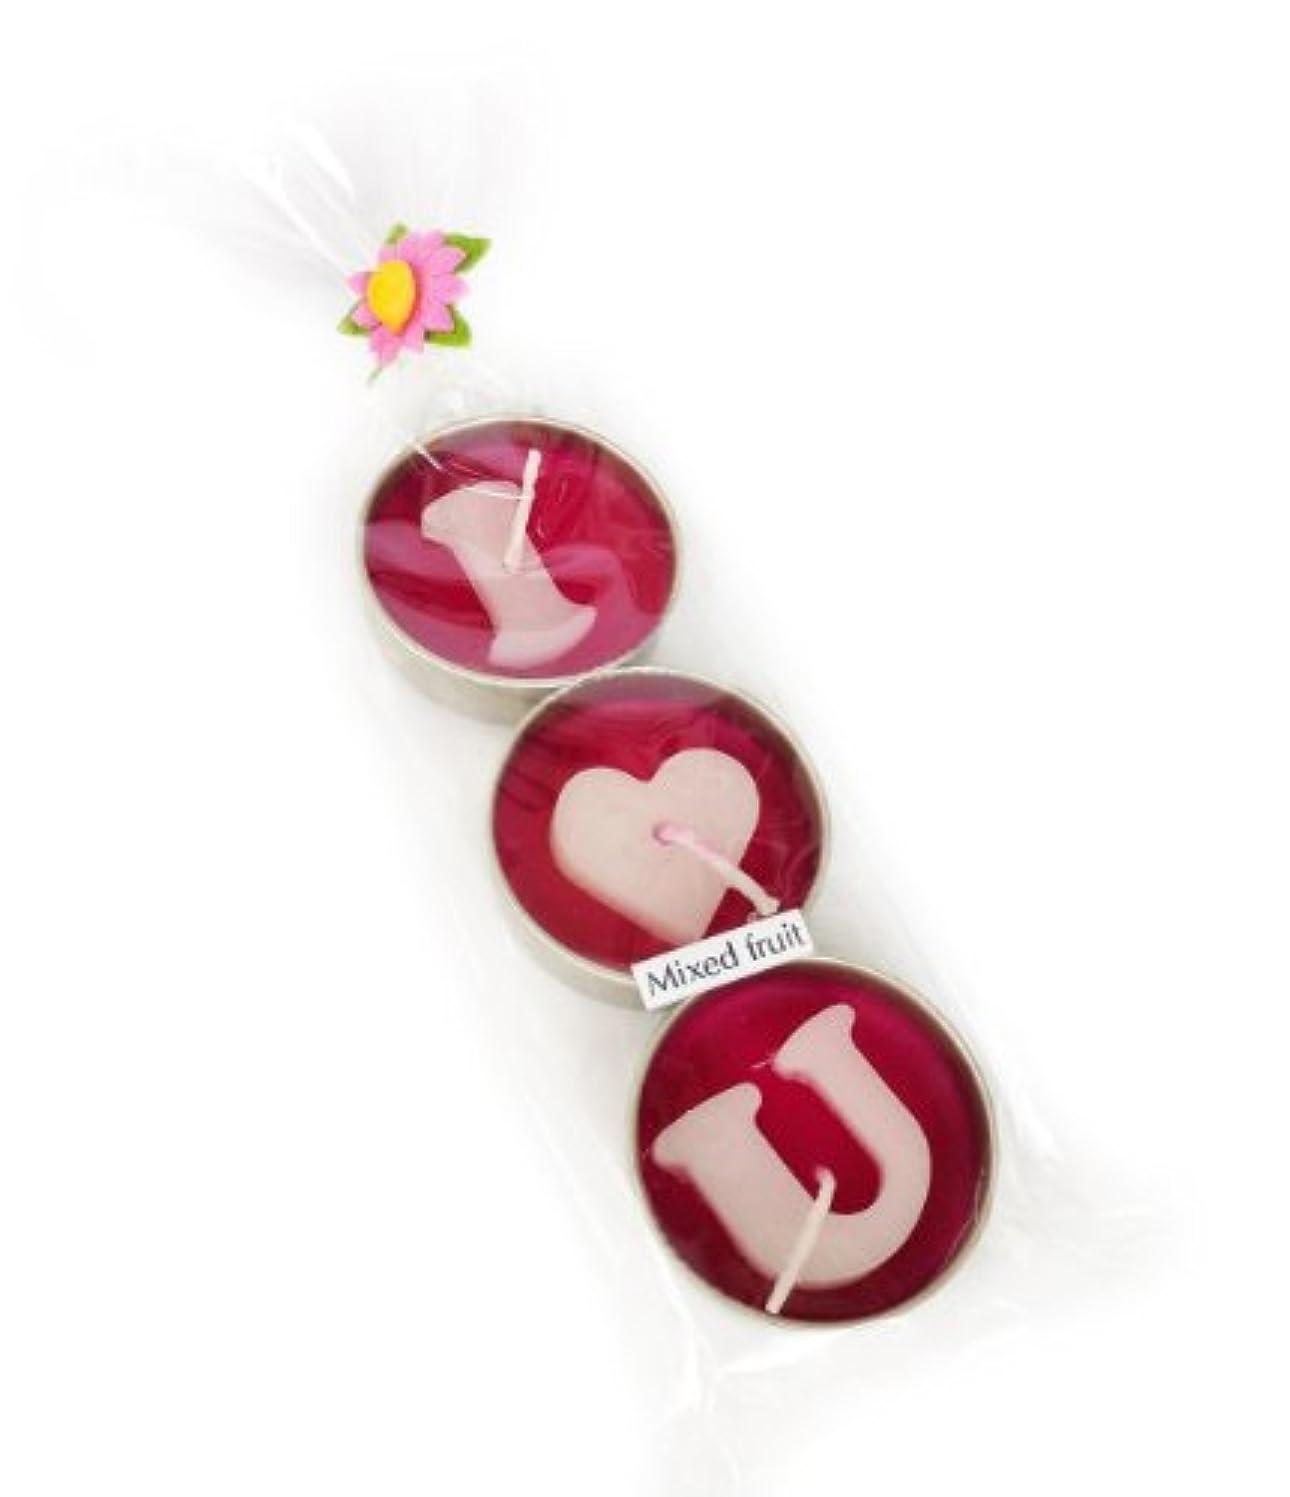 ダブルのぞき見眉をひそめるアロマキャンドル/ラブキャンドル/ILoveU/モーク/ロウソク/ろうそ/1パック3個入り/(1Pack  3pc I love U Candle) (Mixed Fruit)